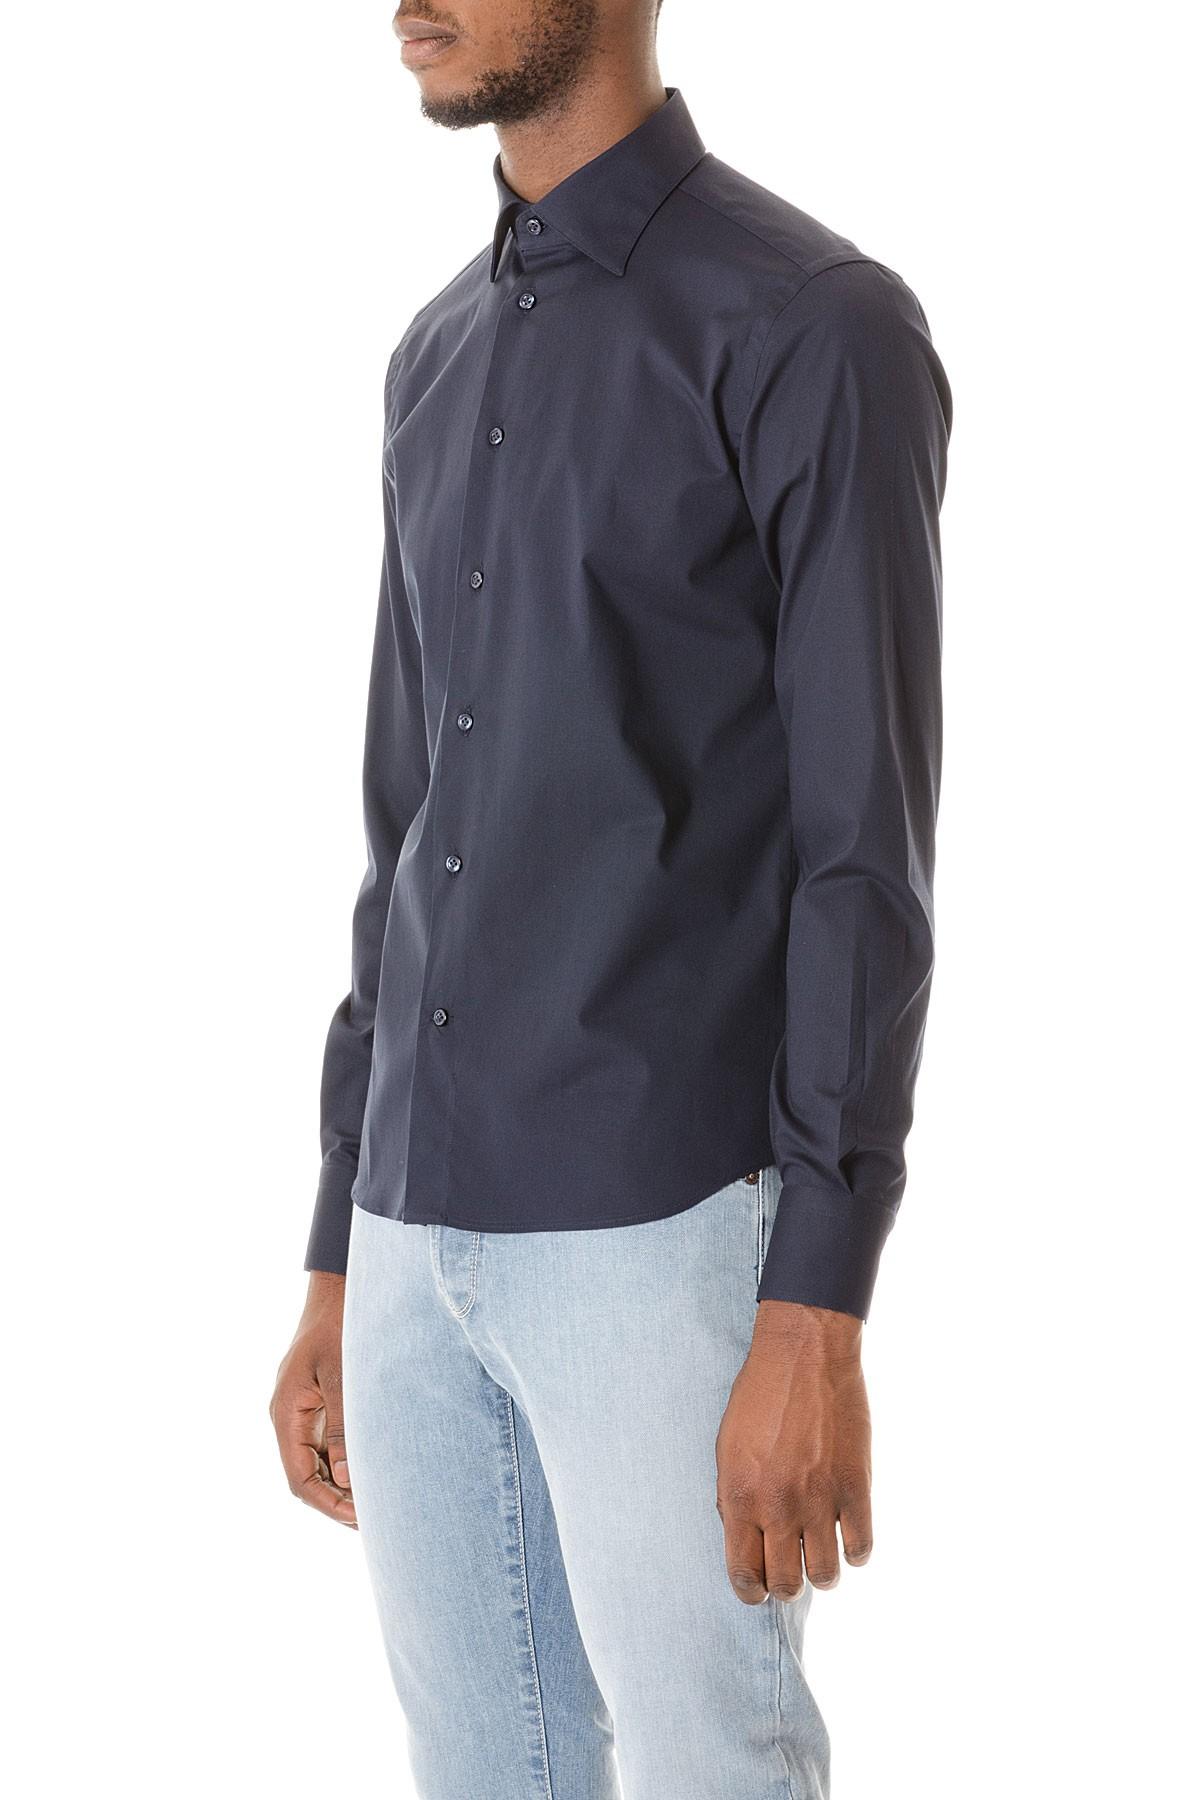 finest selection fda95 59a38 RIONE FONTANA Camicia blu scuro per uomo autunno inverno 15 ...